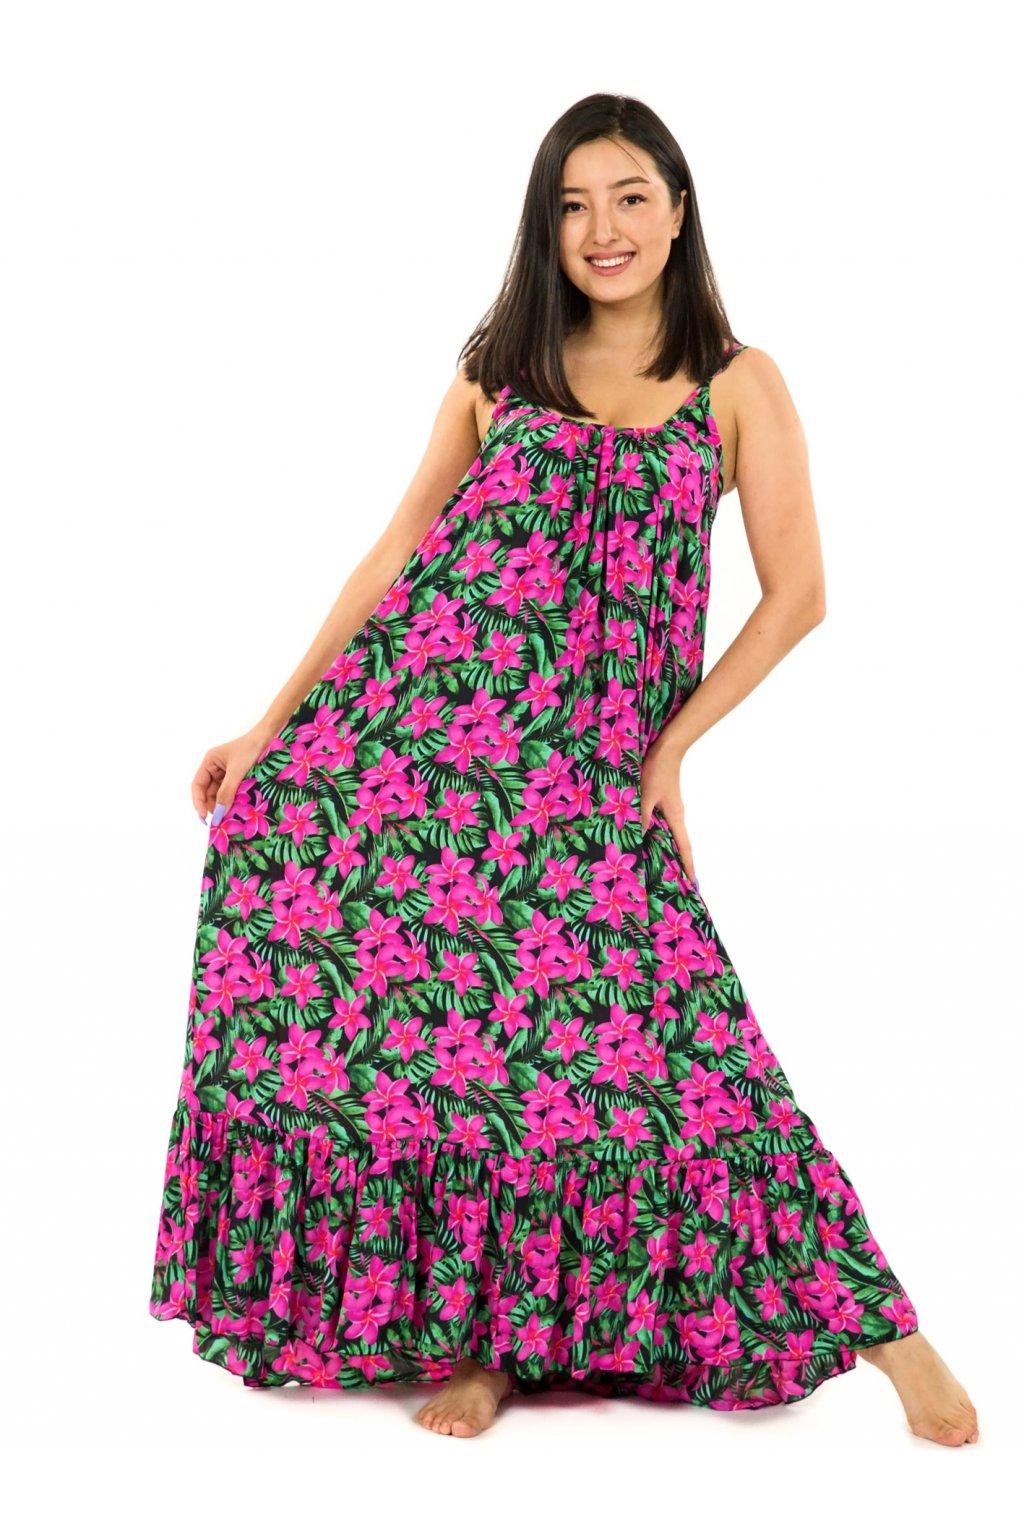 Vzdušné maxi šaty Plumeria - zelená s růžovou